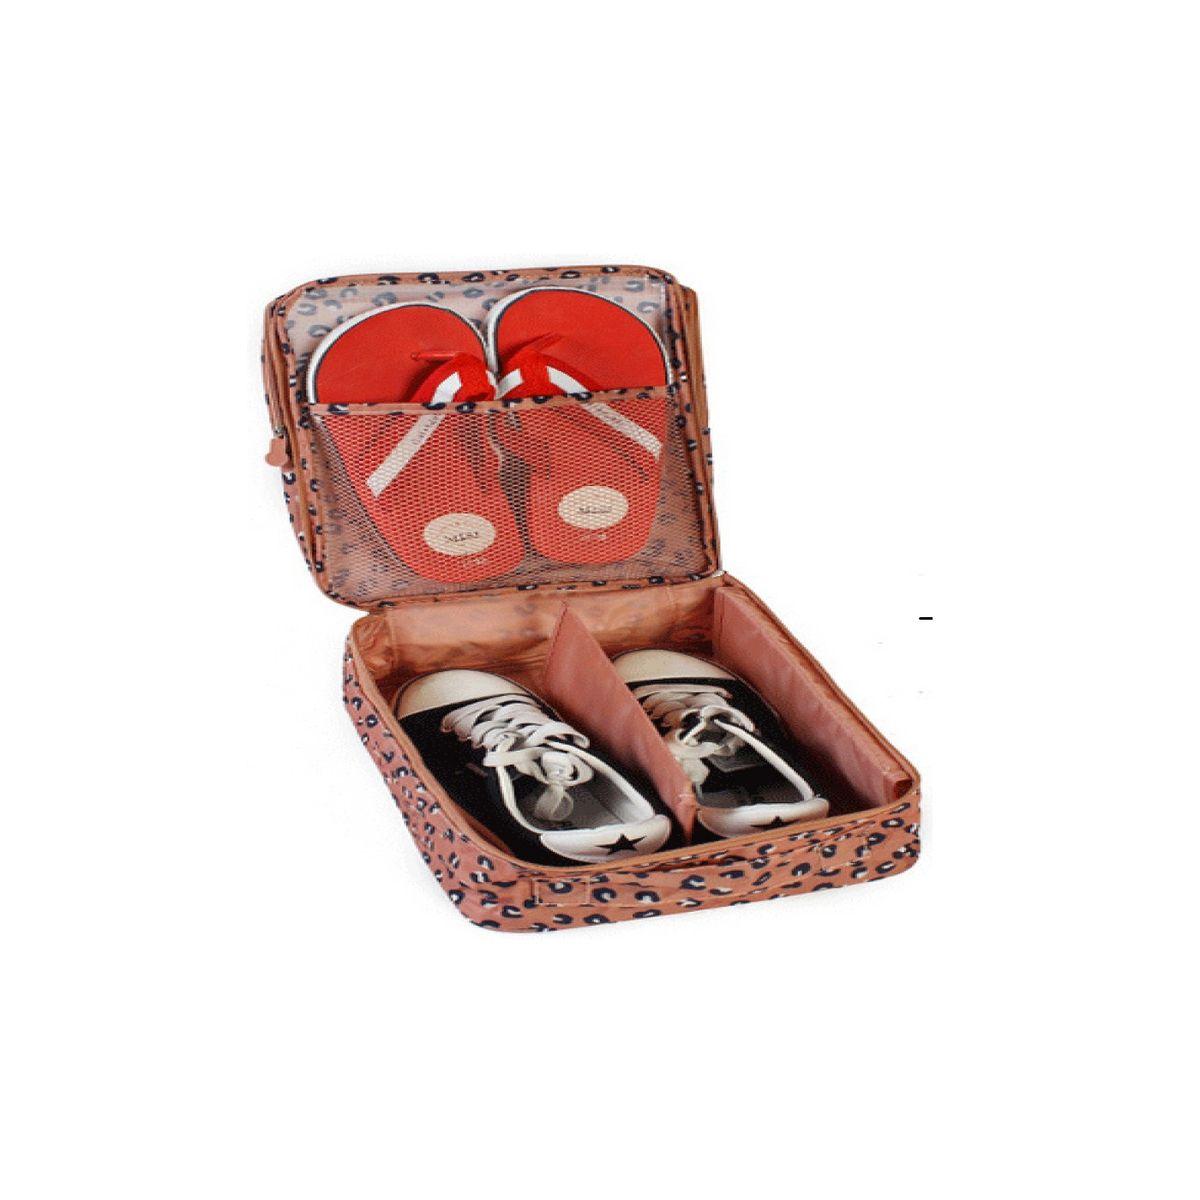 """Органайзер для обуви Homsu """"Леопард"""" изготовлен  из 100%  полиэстера. Экономичная замена  пластиковым пакетам и громоздким коробкам.  Органайзер закрывается на молнию. Имеется ручка  для удобной переноски. Внутри  органайзер разделен на 2 отделения для обуви с  дополнительным сетчатым кармашком. Очень компактный и очень удобный, такой  органайзер  поможет вам хранить обувь в чистоте и порядке. Размер: 32 х 20 х 13 см."""